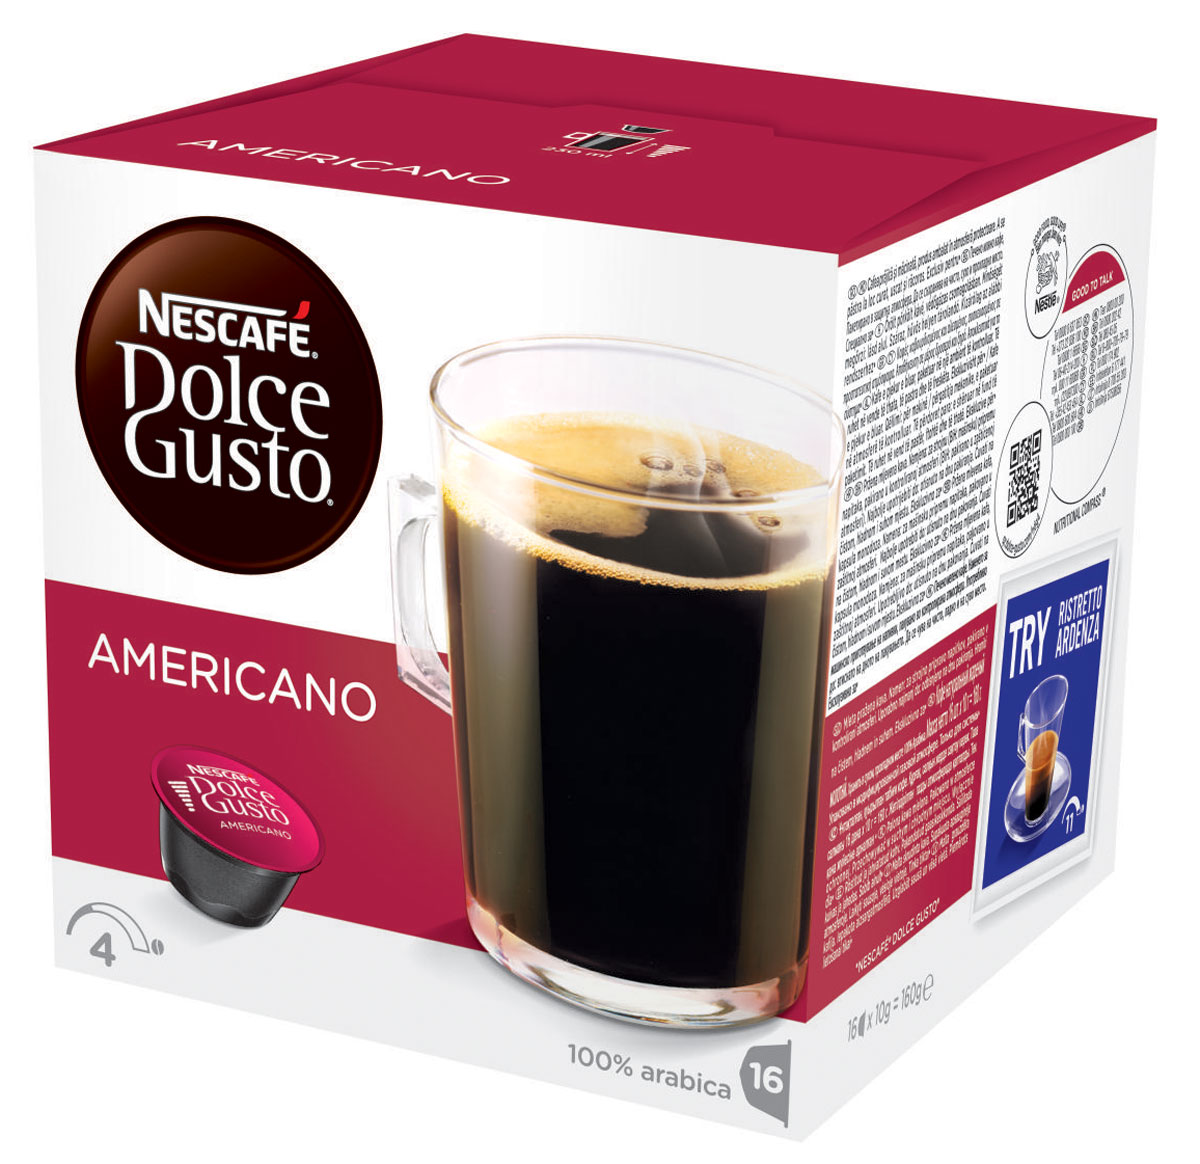 Nescafe Dolce Gusto Americano кофе в капсулах, 16 шт12115461Nescafe Dolce Gusto Americano – просто обжаренный и перемолотый кофе, но это не должно вводить вас в заблуждение. Это стильная мягкая композиция, которой можно наслаждаться в любое время дня. Приготовленный из отборных обжаренных кофейных зерен американо можно подавать с молоком или без него, чтобы получить вкус свежеприготовленного кофе в любом виде, который вам нравится.Легкая прожарка простого, но надежного купажа из 100% зерен Арабики делает капсульный кофе американо чуть менее насыщенным, чем лунго или гранде, но все еще с тем же вкусом из кофейни, который вы любите. Идеальный для удачного начала дня, подавайте его в большой чашке, чтобы полностью насладиться ароматом.Кофе: мифы и факты. Статья OZON Гид